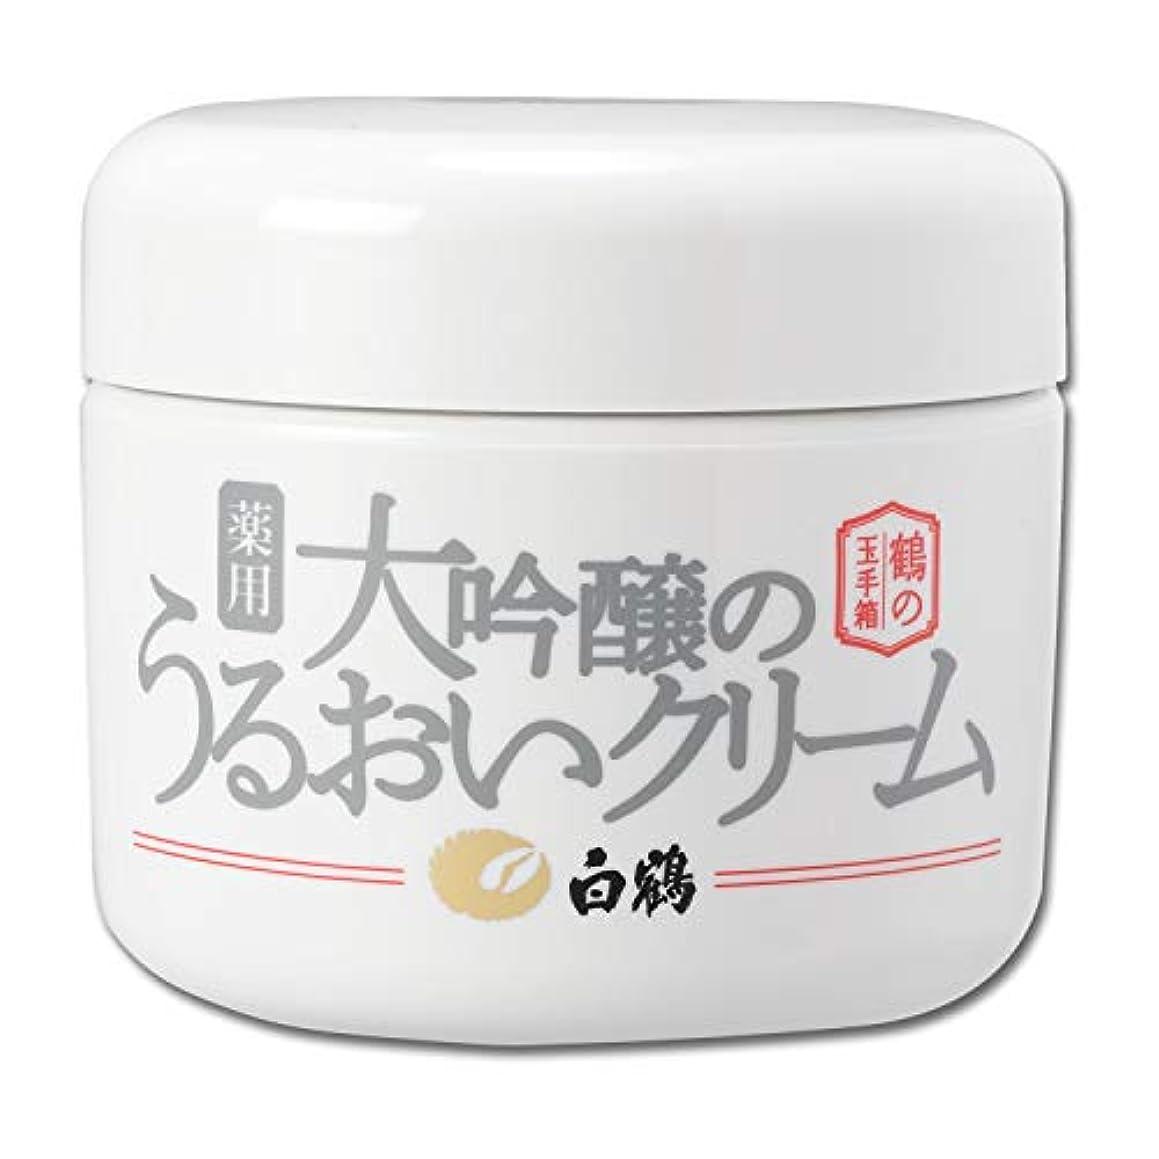 分散レルム免除白鶴 鶴の玉手箱 薬用 大吟醸のうるおいクリーム 90g (オールインワン/医薬部外品)